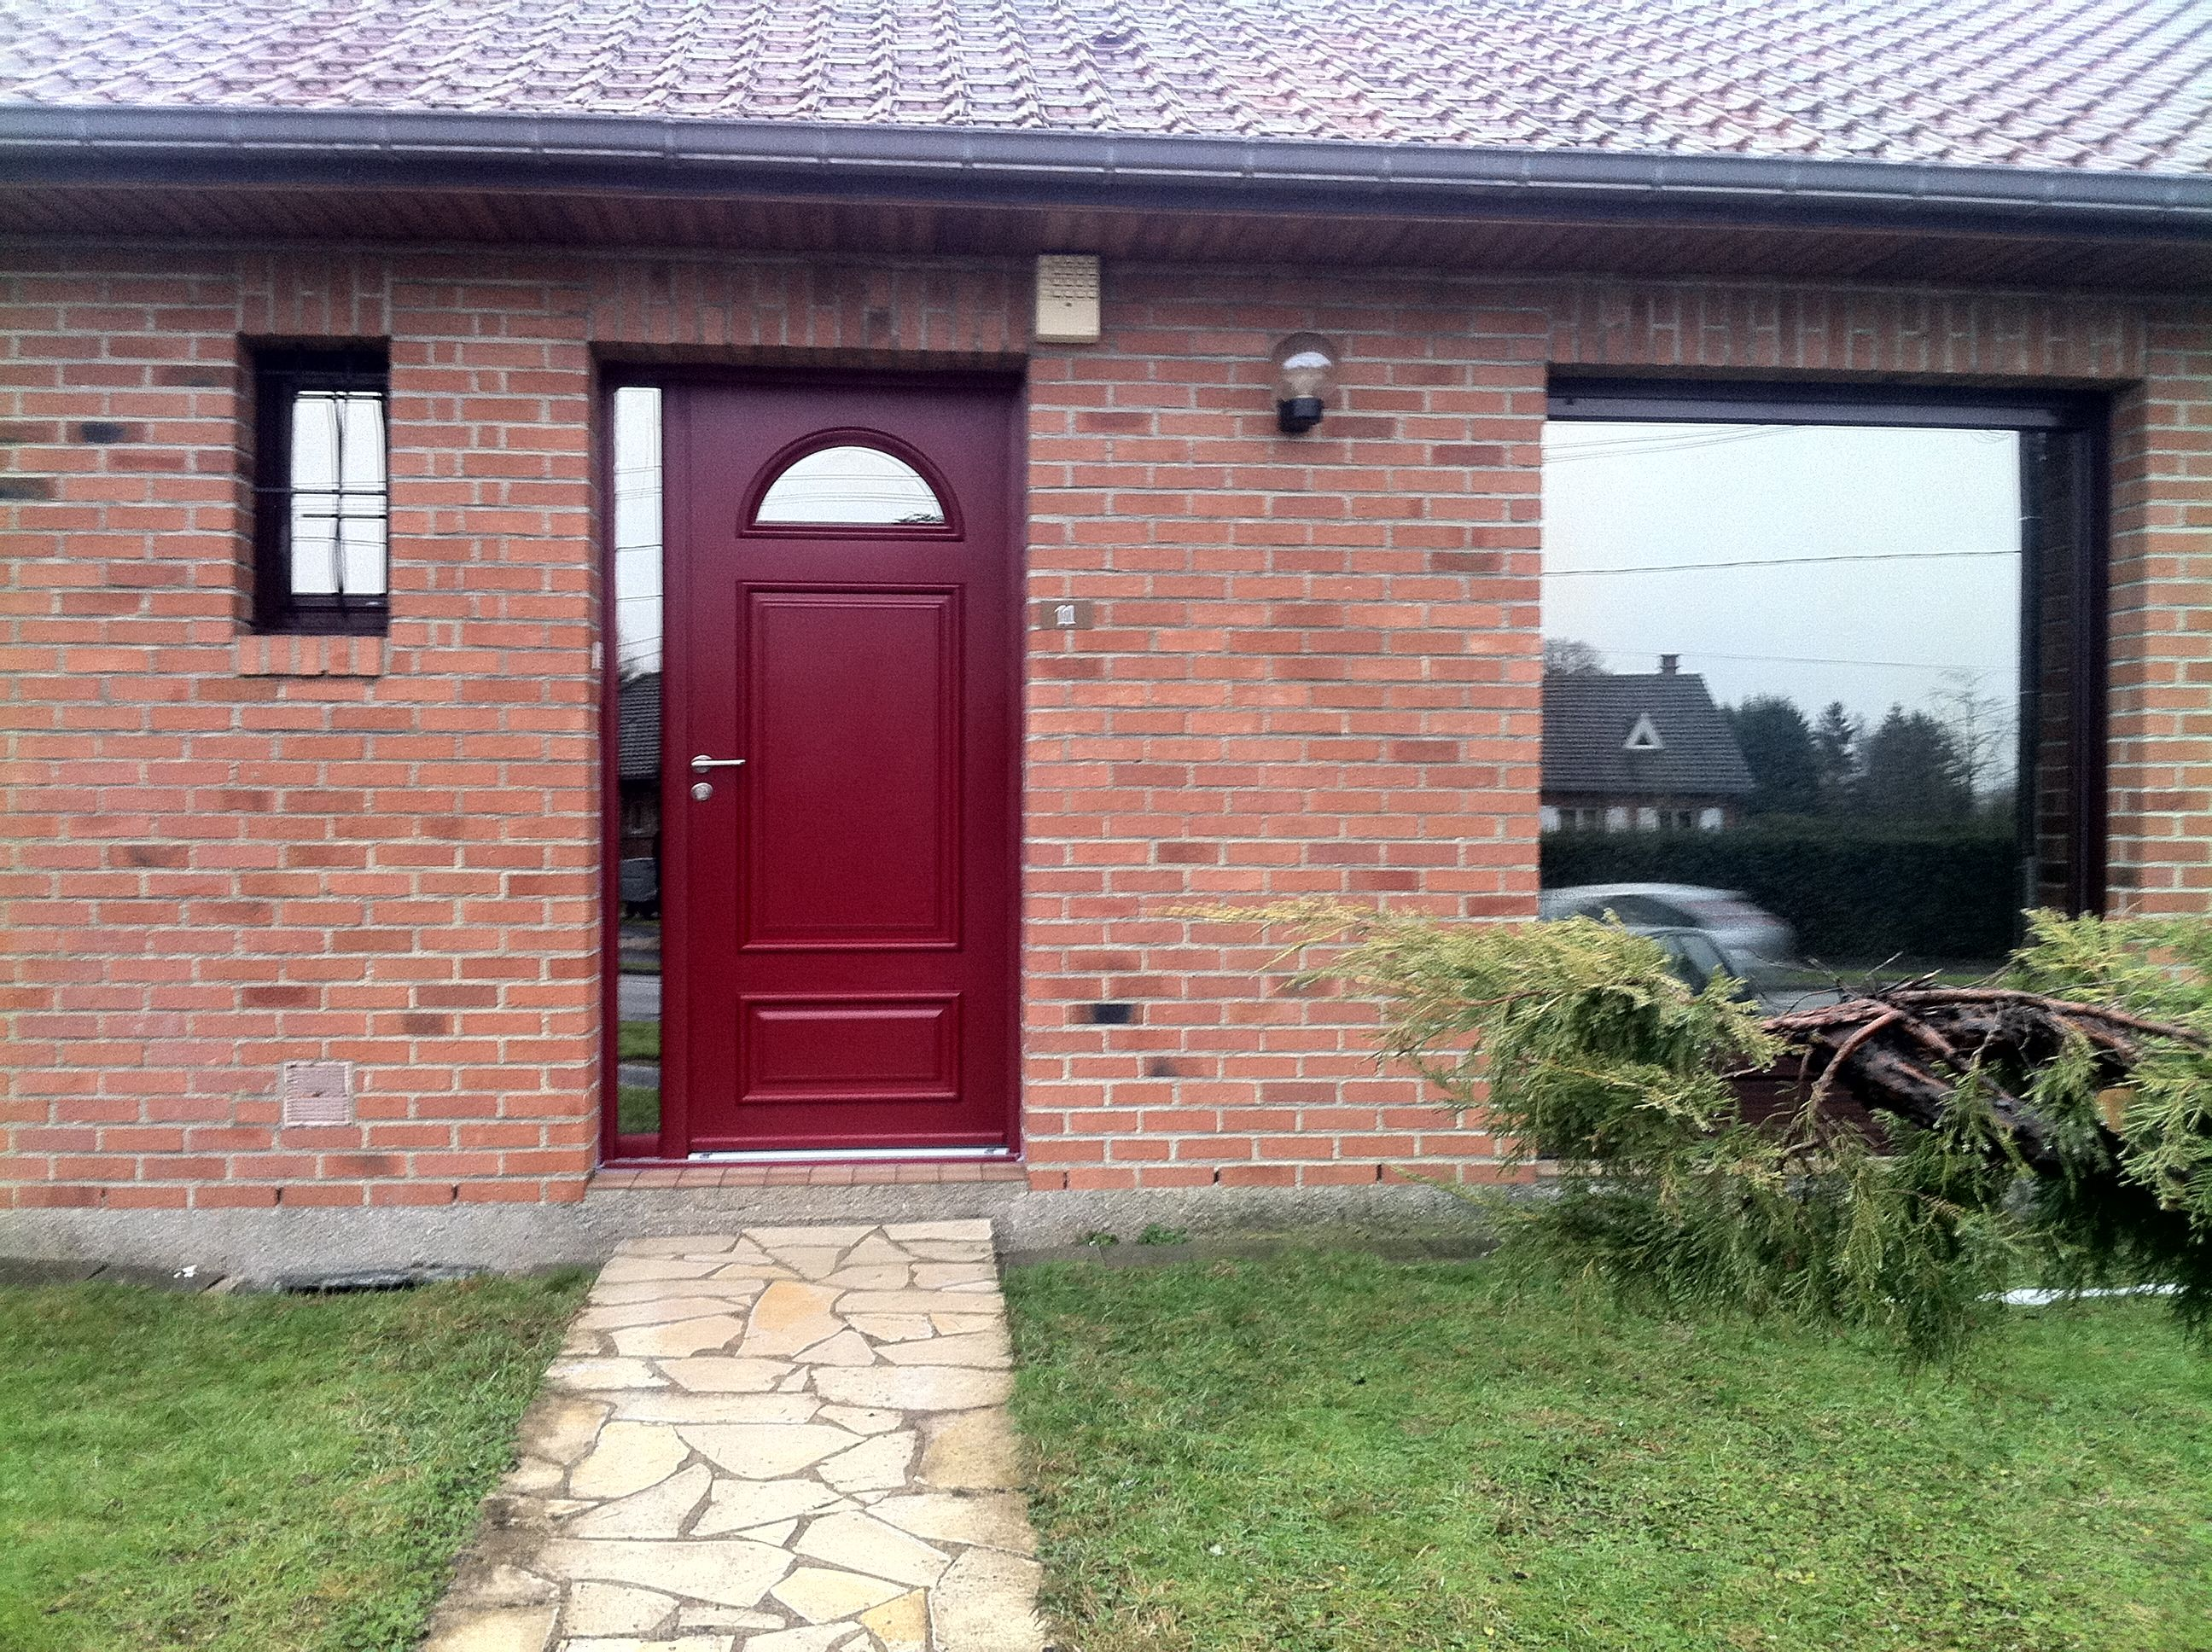 Porte d entrée rouge bordeaux en aluminium gamme Minérale mod¨le